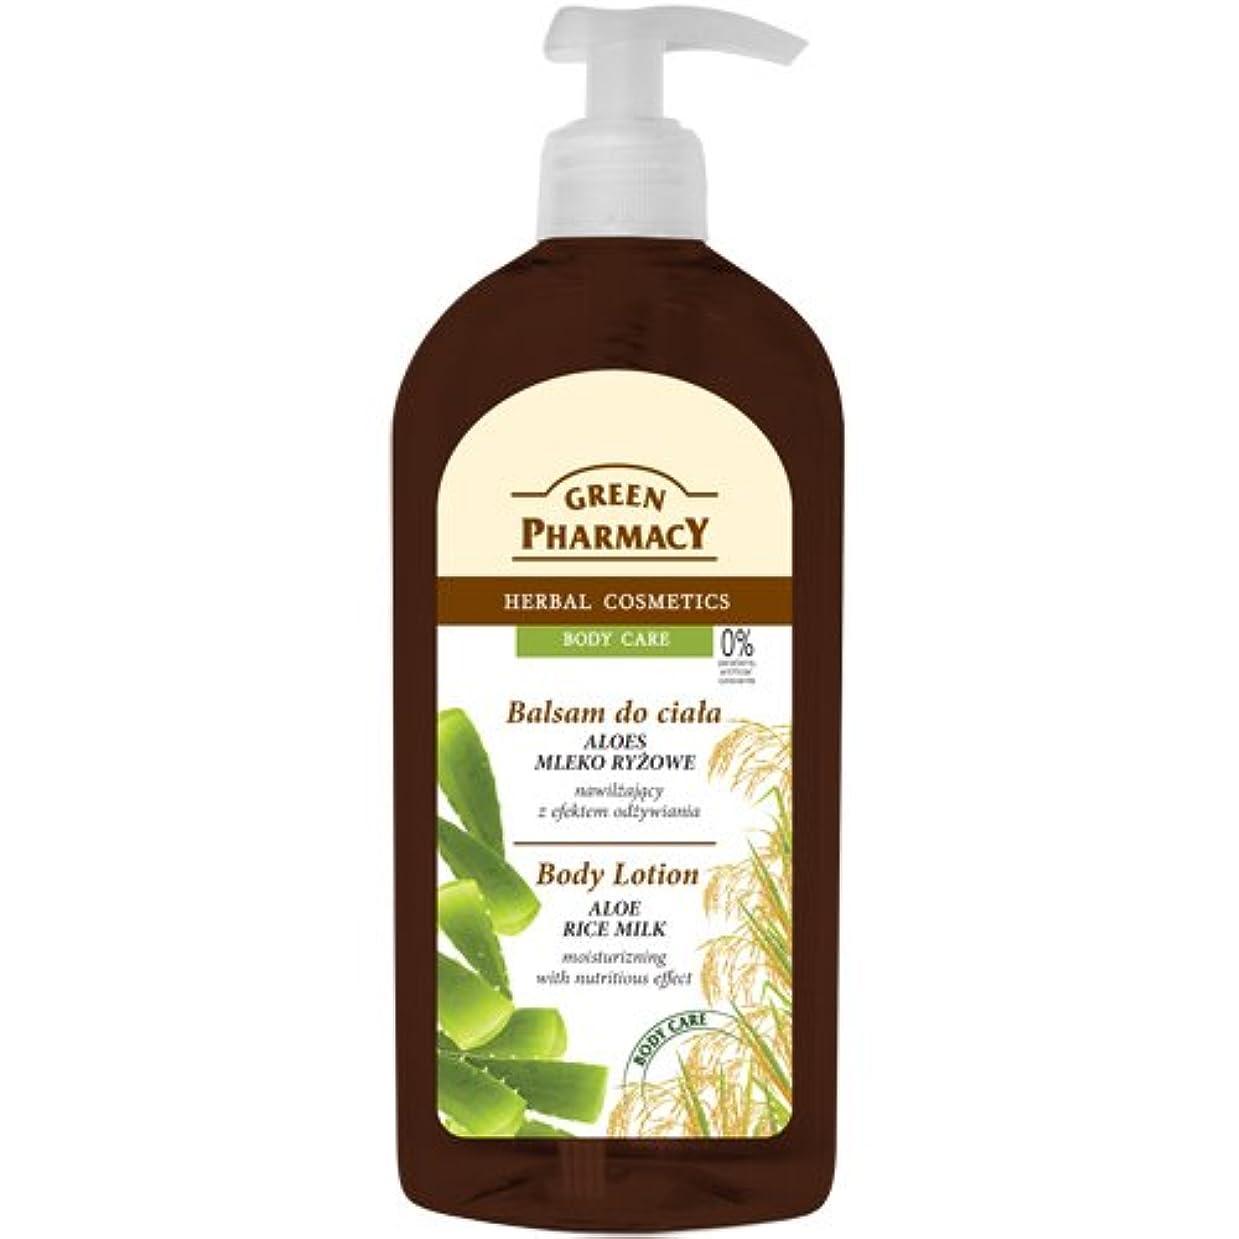 福祉構築するライオンElfa Pharm Green Pharmacy グリーンファーマシー Body Lotion ボディローション Aloe Ricemilk